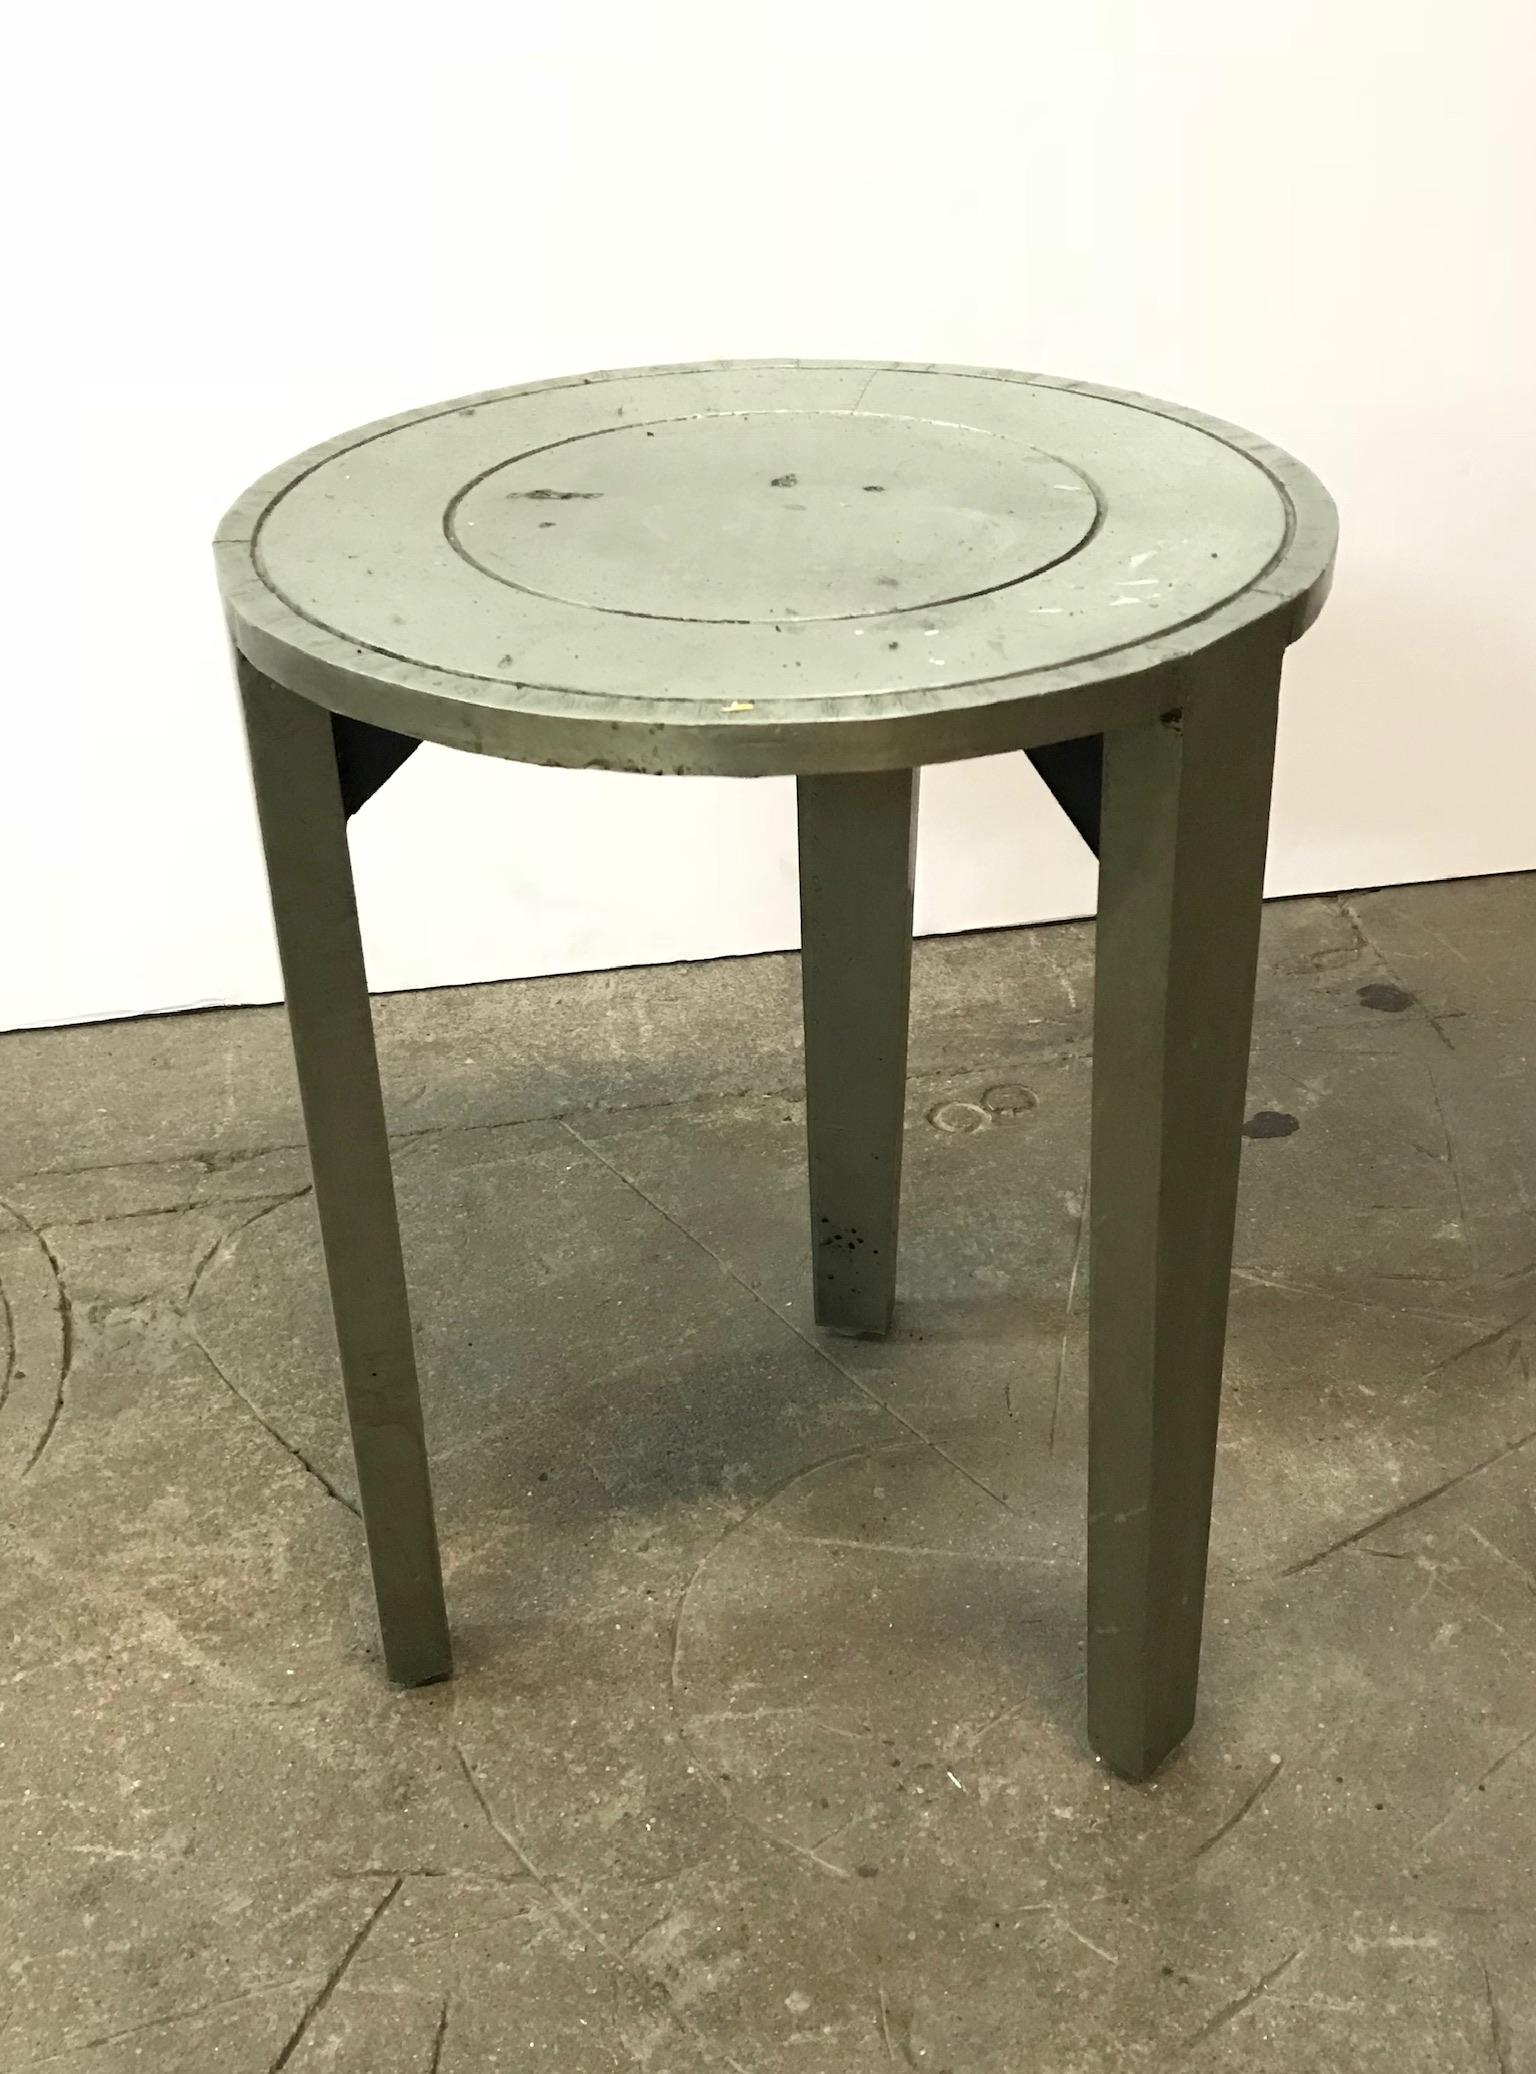 Grey metal side table $40